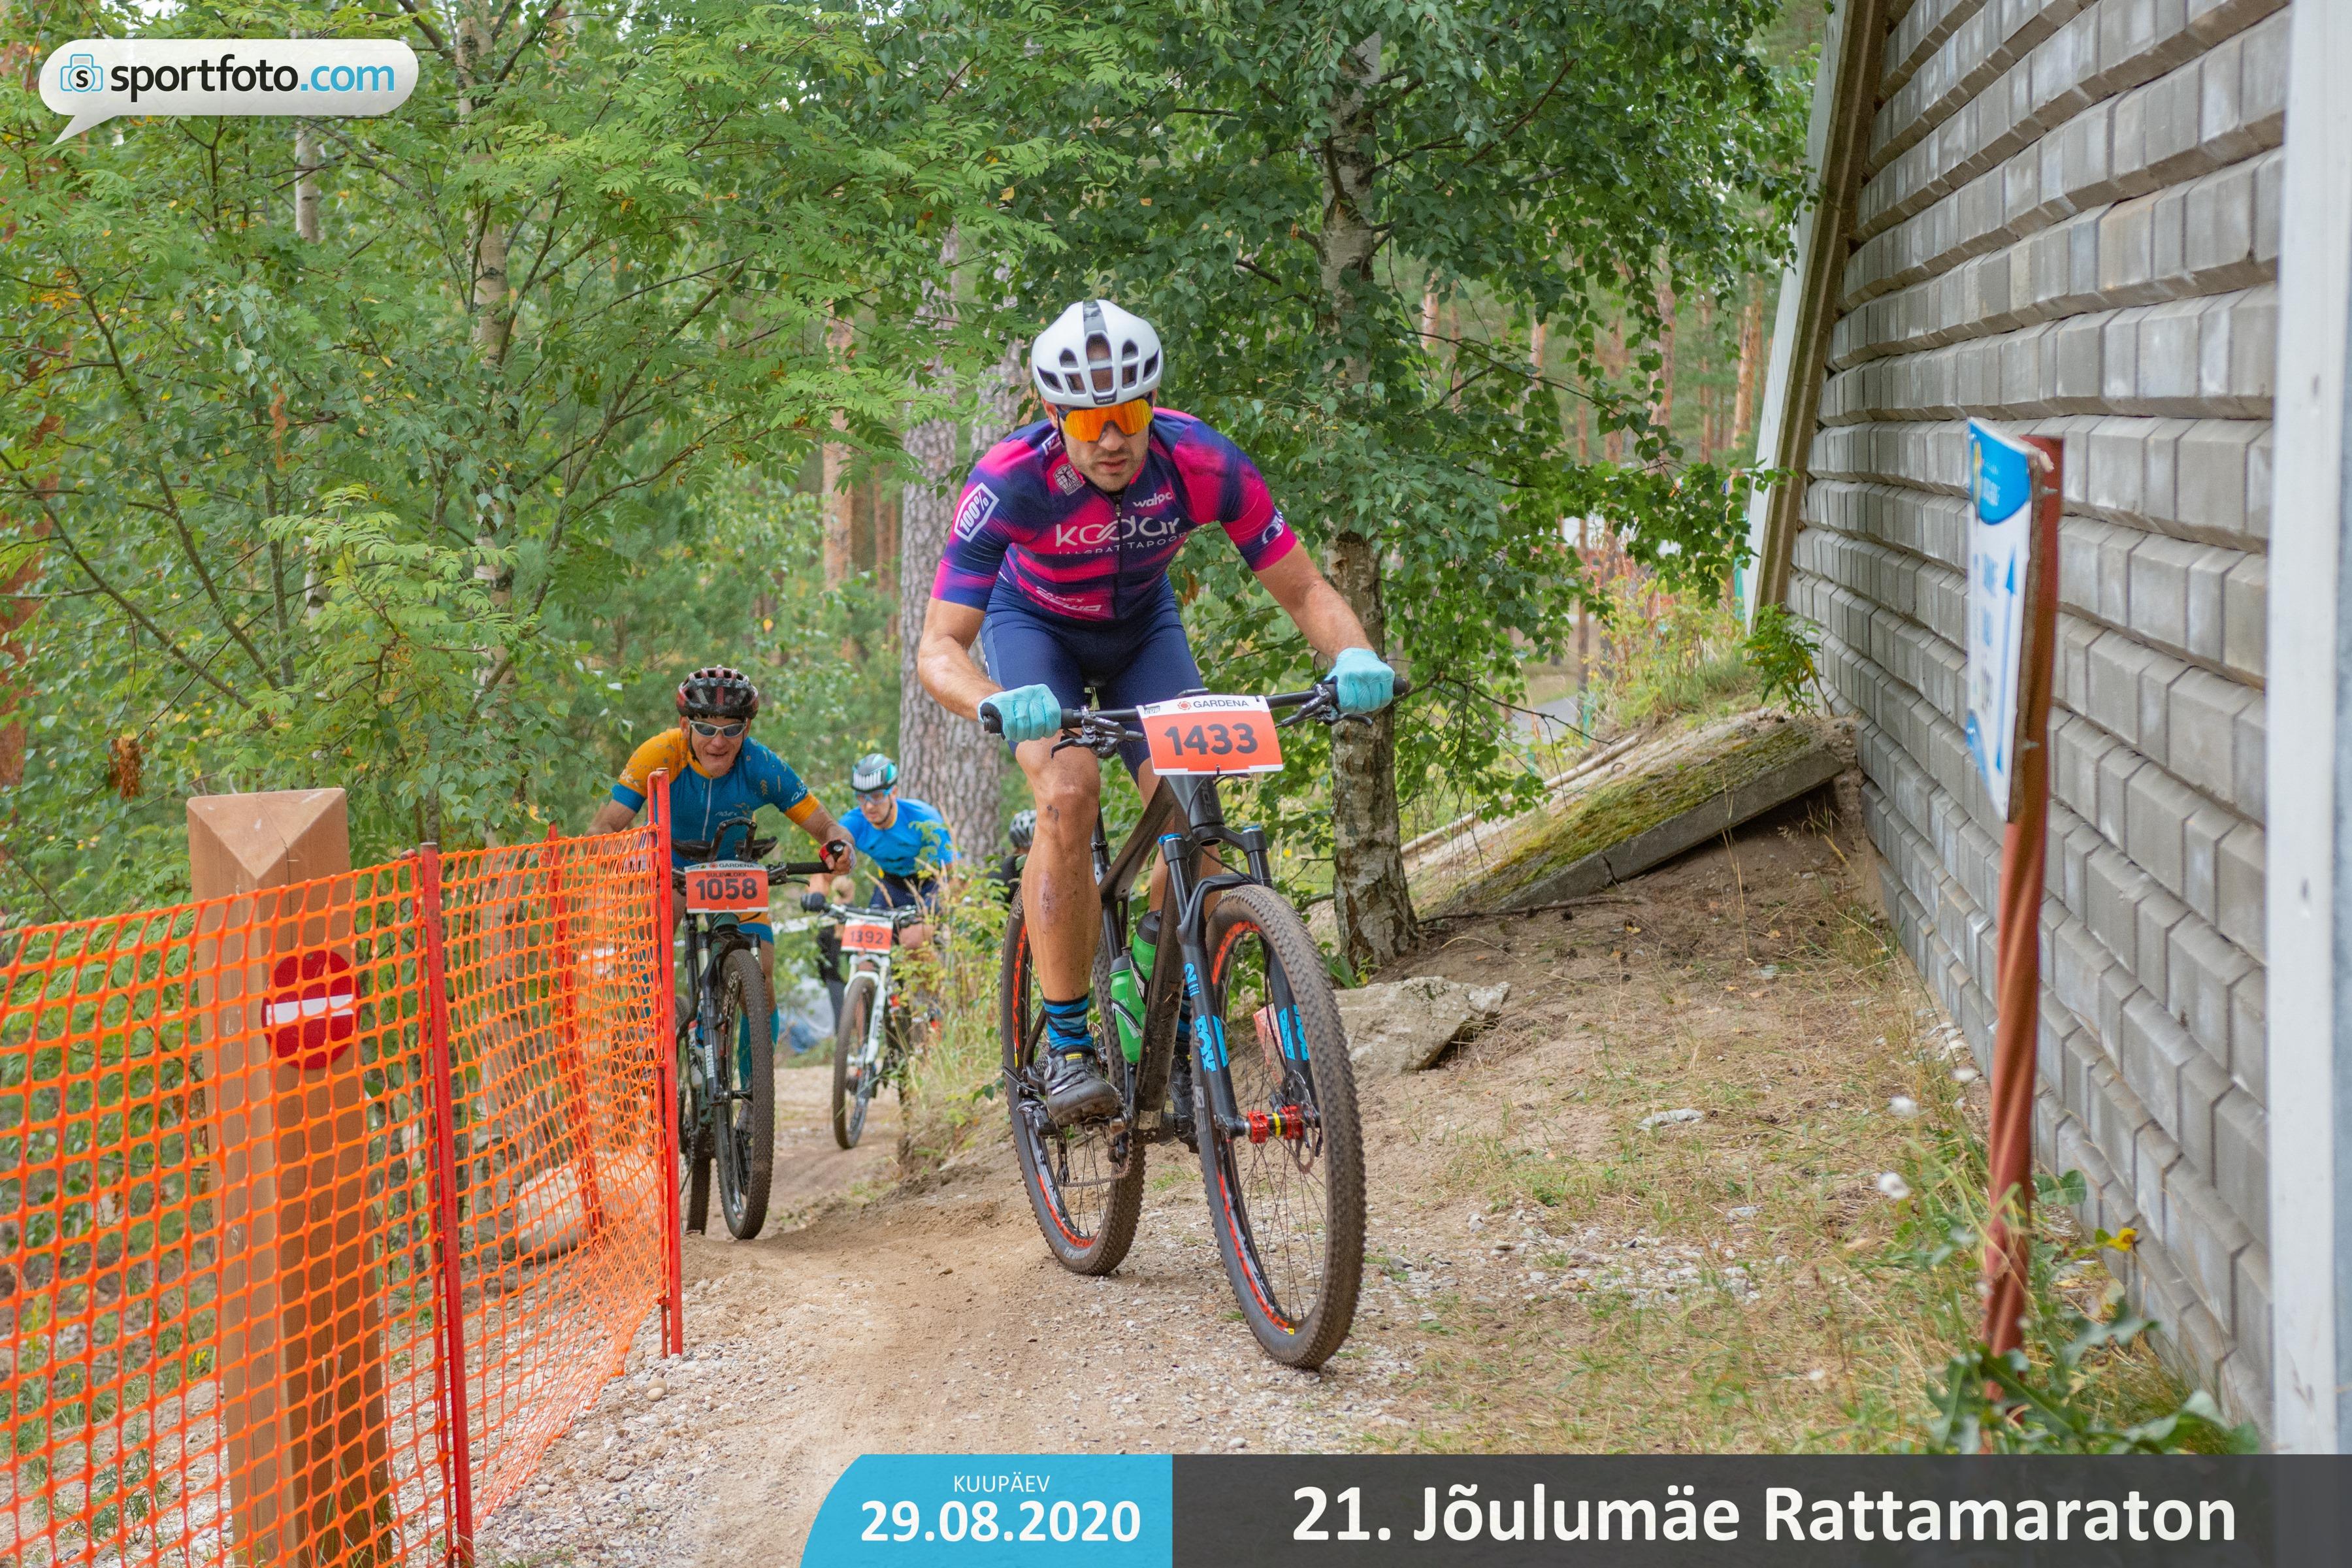 Kardo Rallireport - Jõulumäe ja Tallinna Rattamaratonid